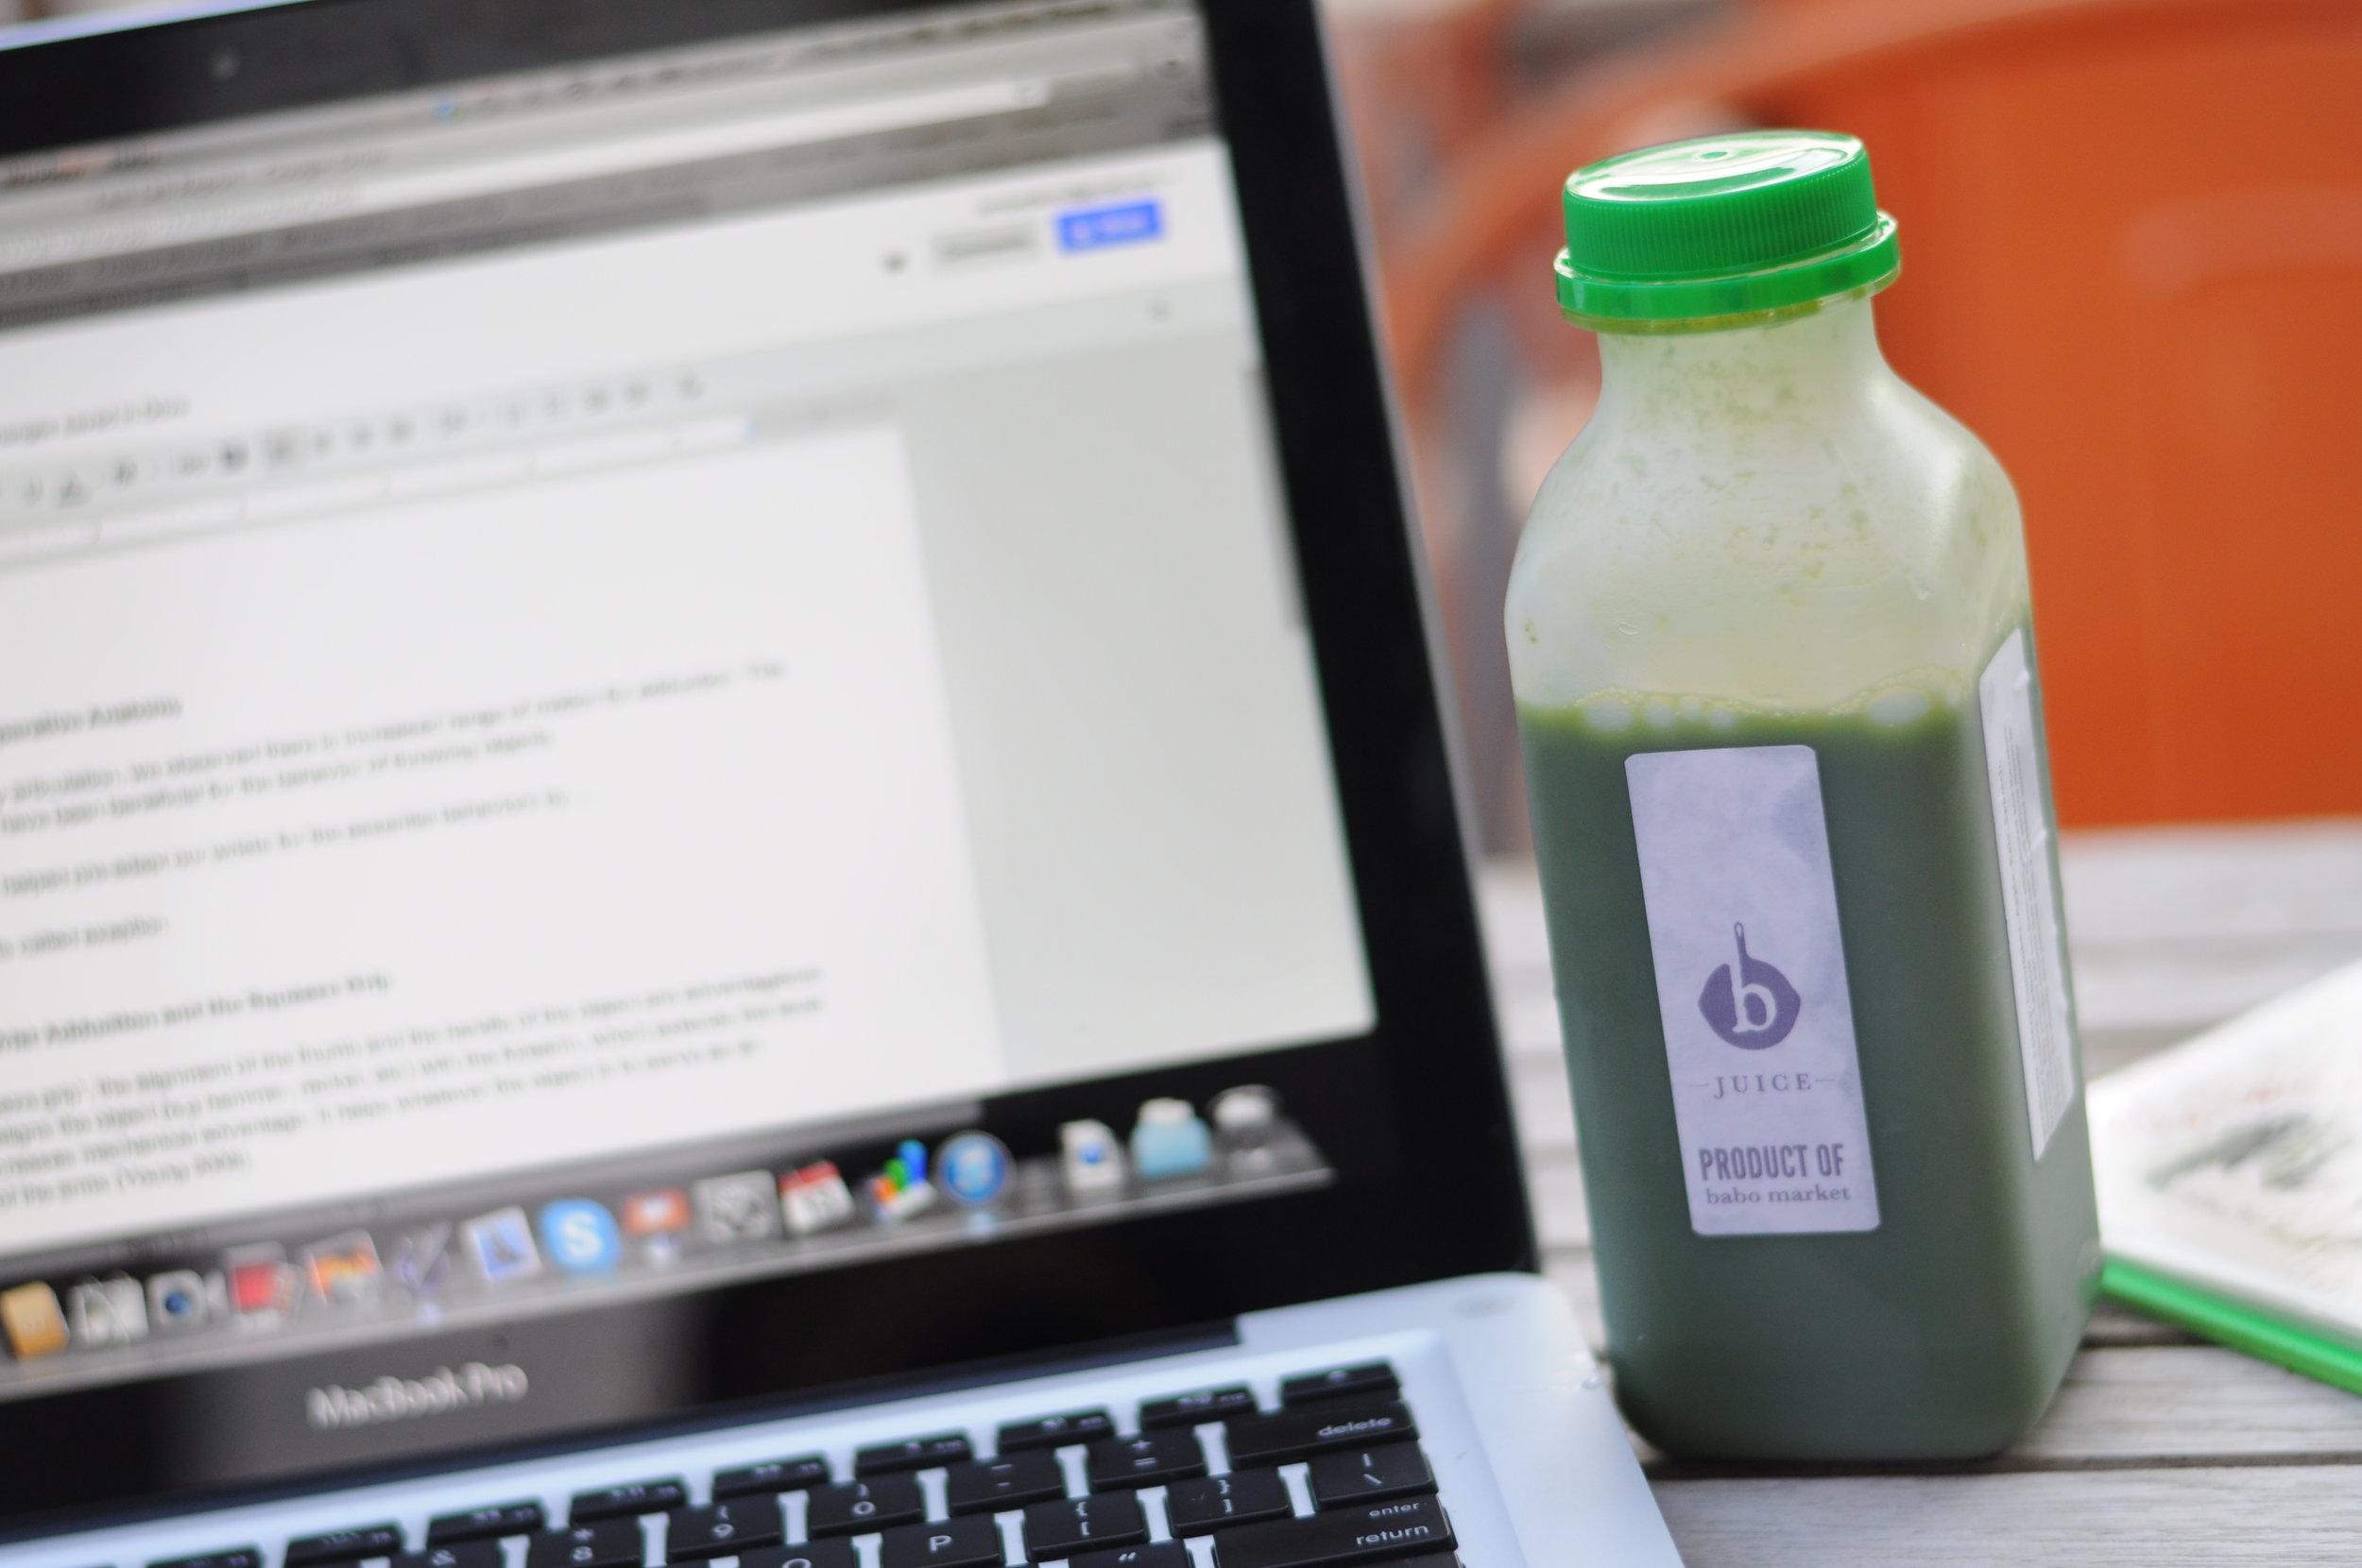 Babo green juice.